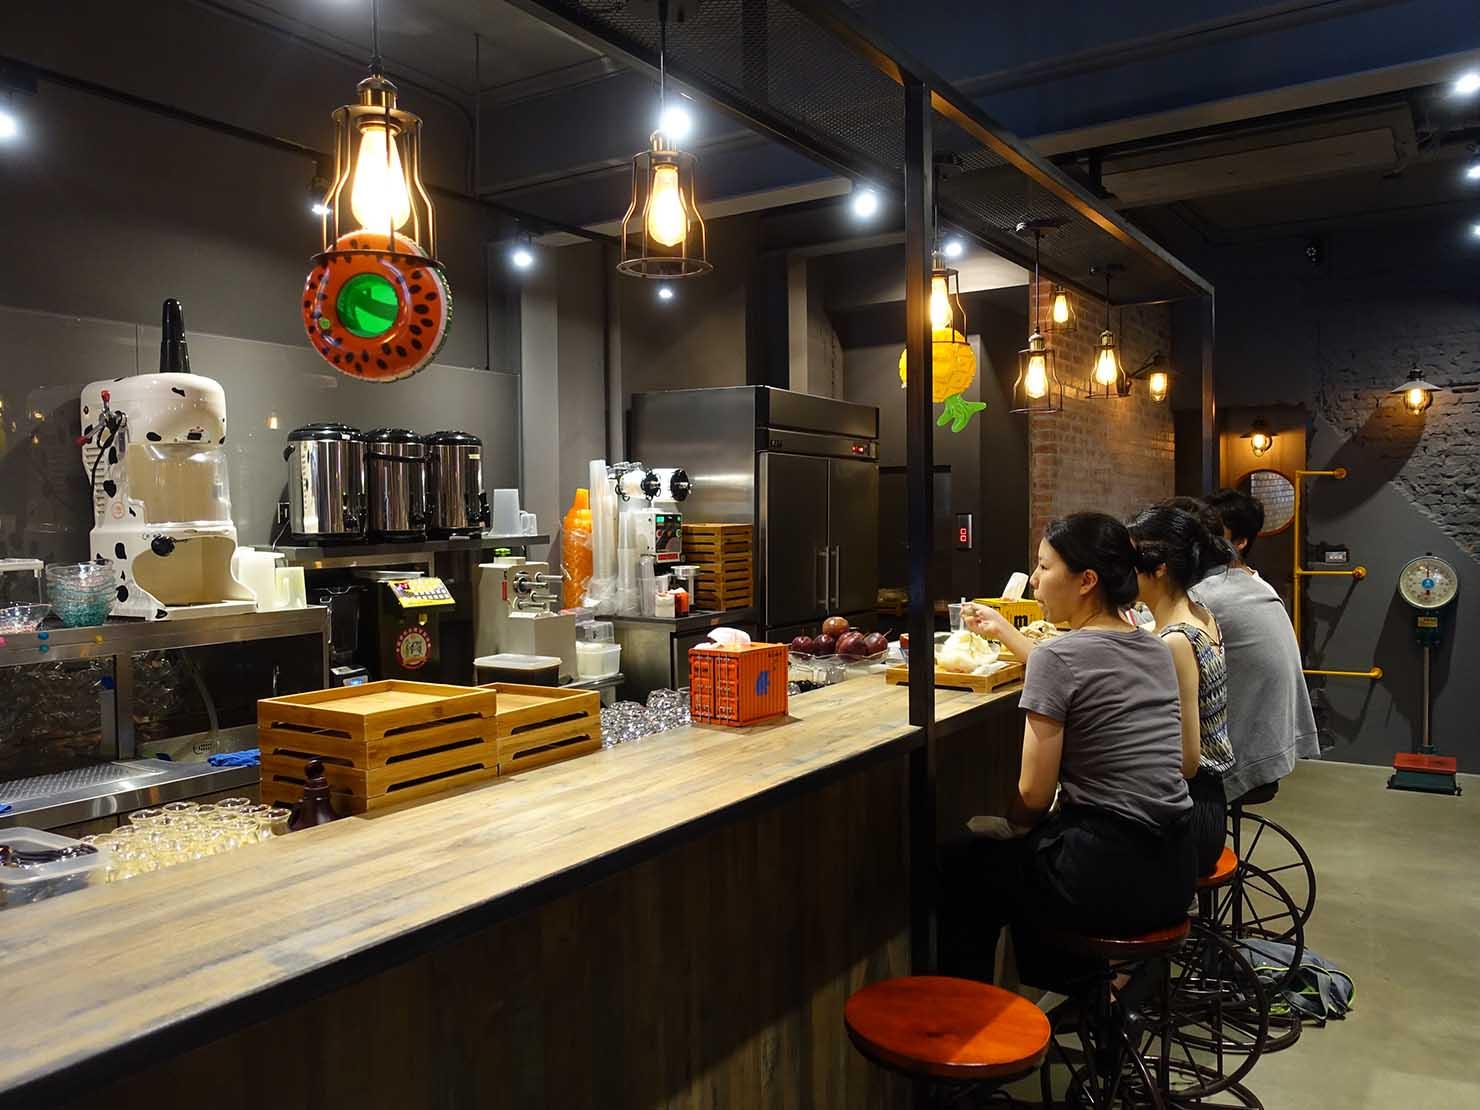 台北・公館にある美味しいマンゴーかき氷店「Mr.學腐」の店内